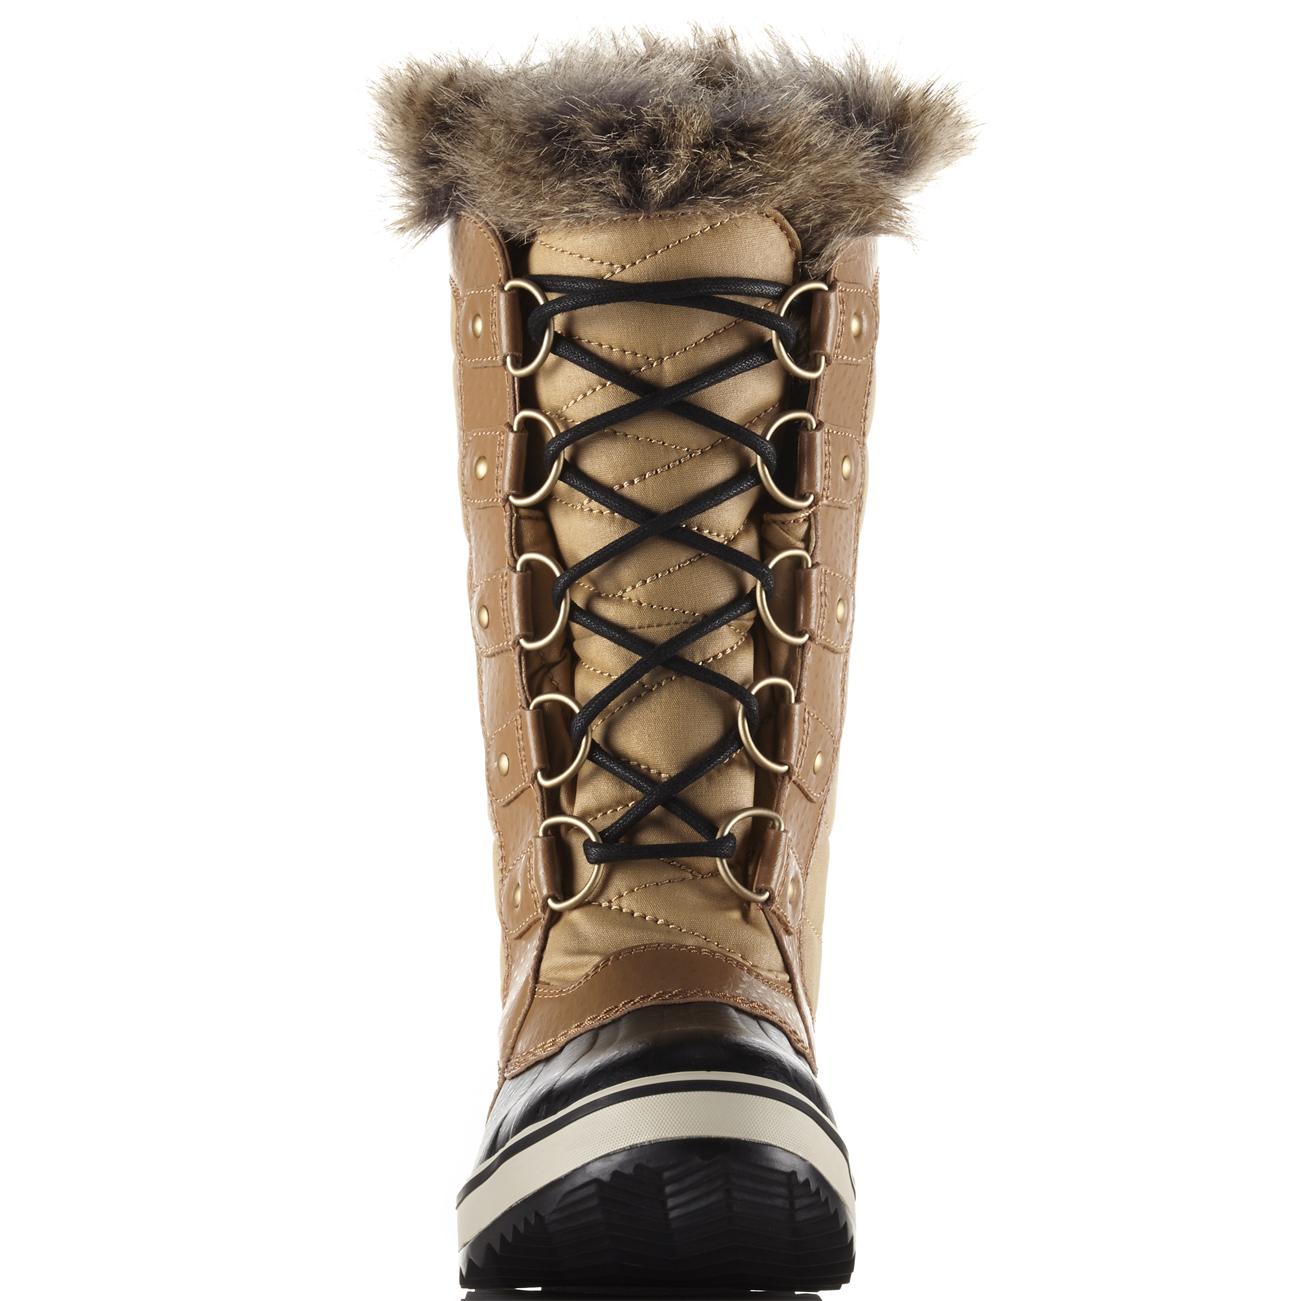 Mujer Sorel Tofino Ii De Invierno Botas Para Excursionismo Mitad de Pantorrilla Caminar Impermeable